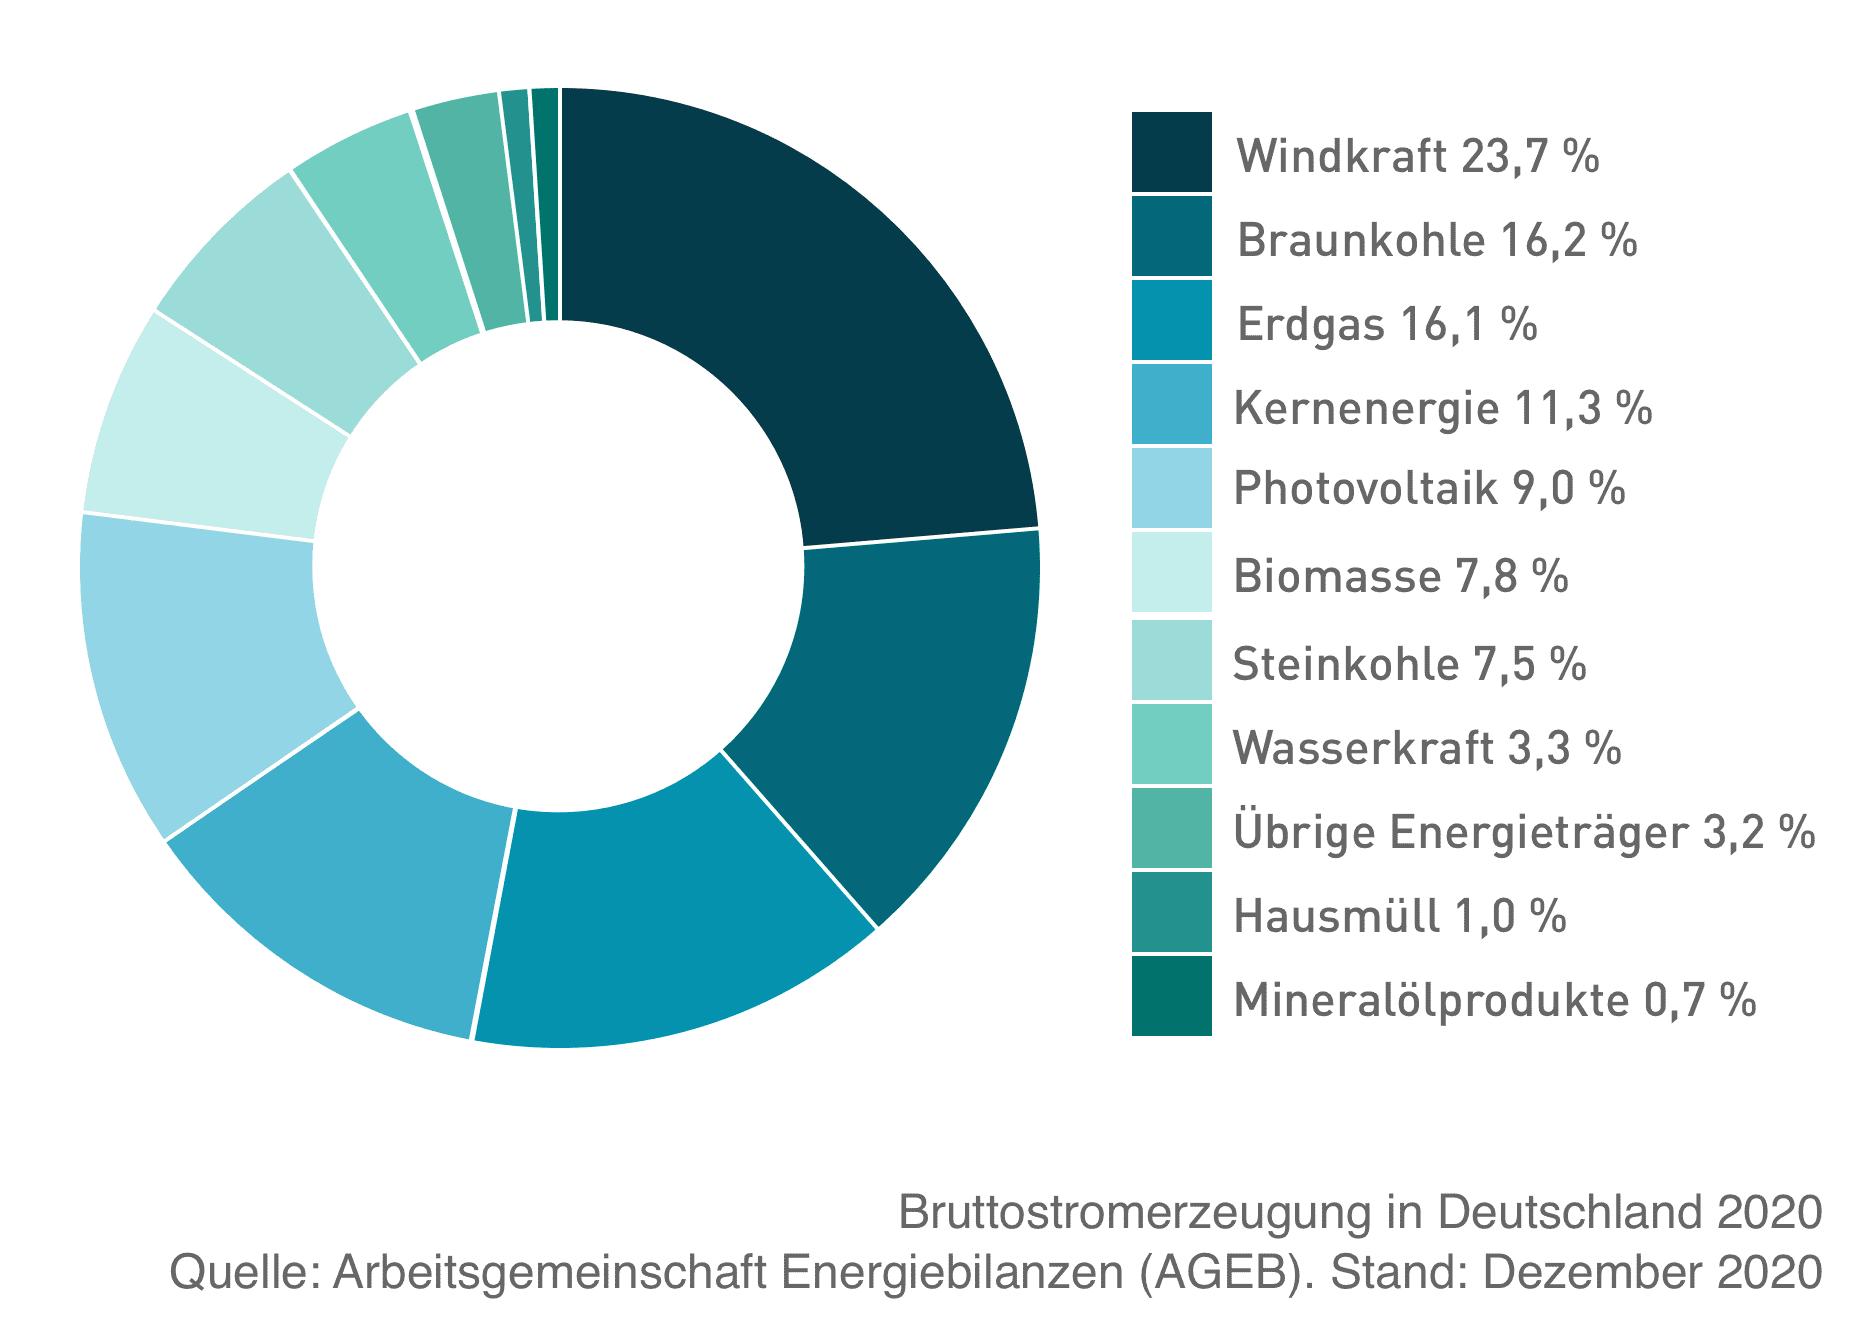 Bruttostromerzeugung Deutschland 2020